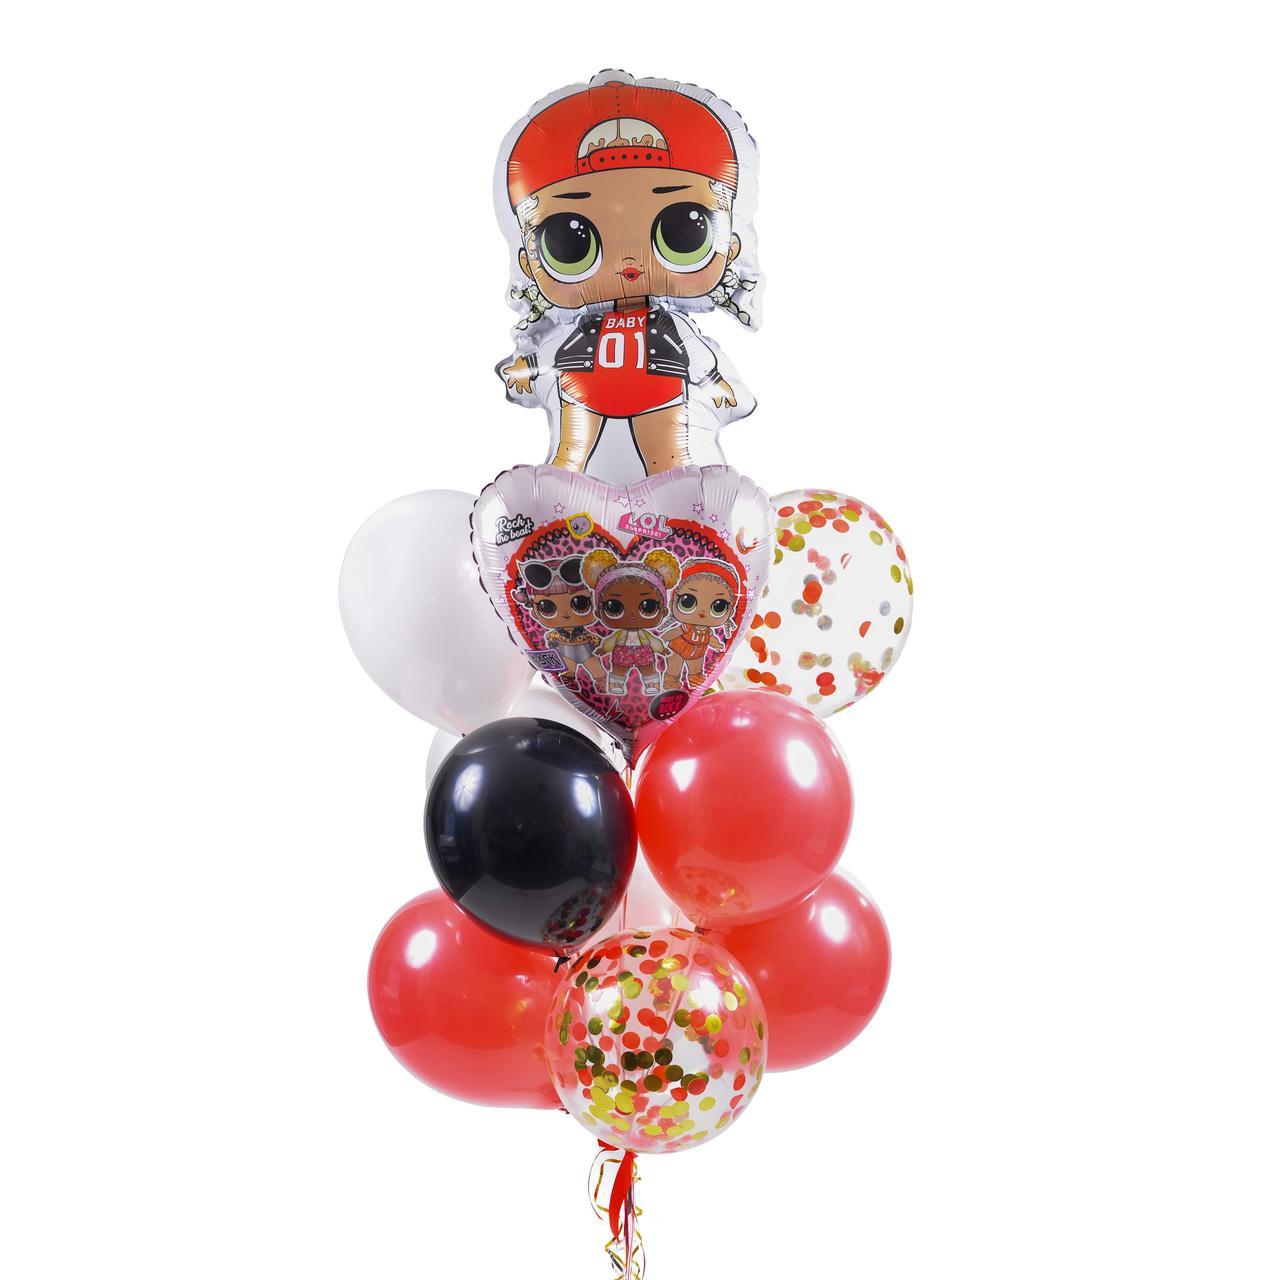 Связка воздушных шаров с куклой ЛОЛ Эм Си Сваг